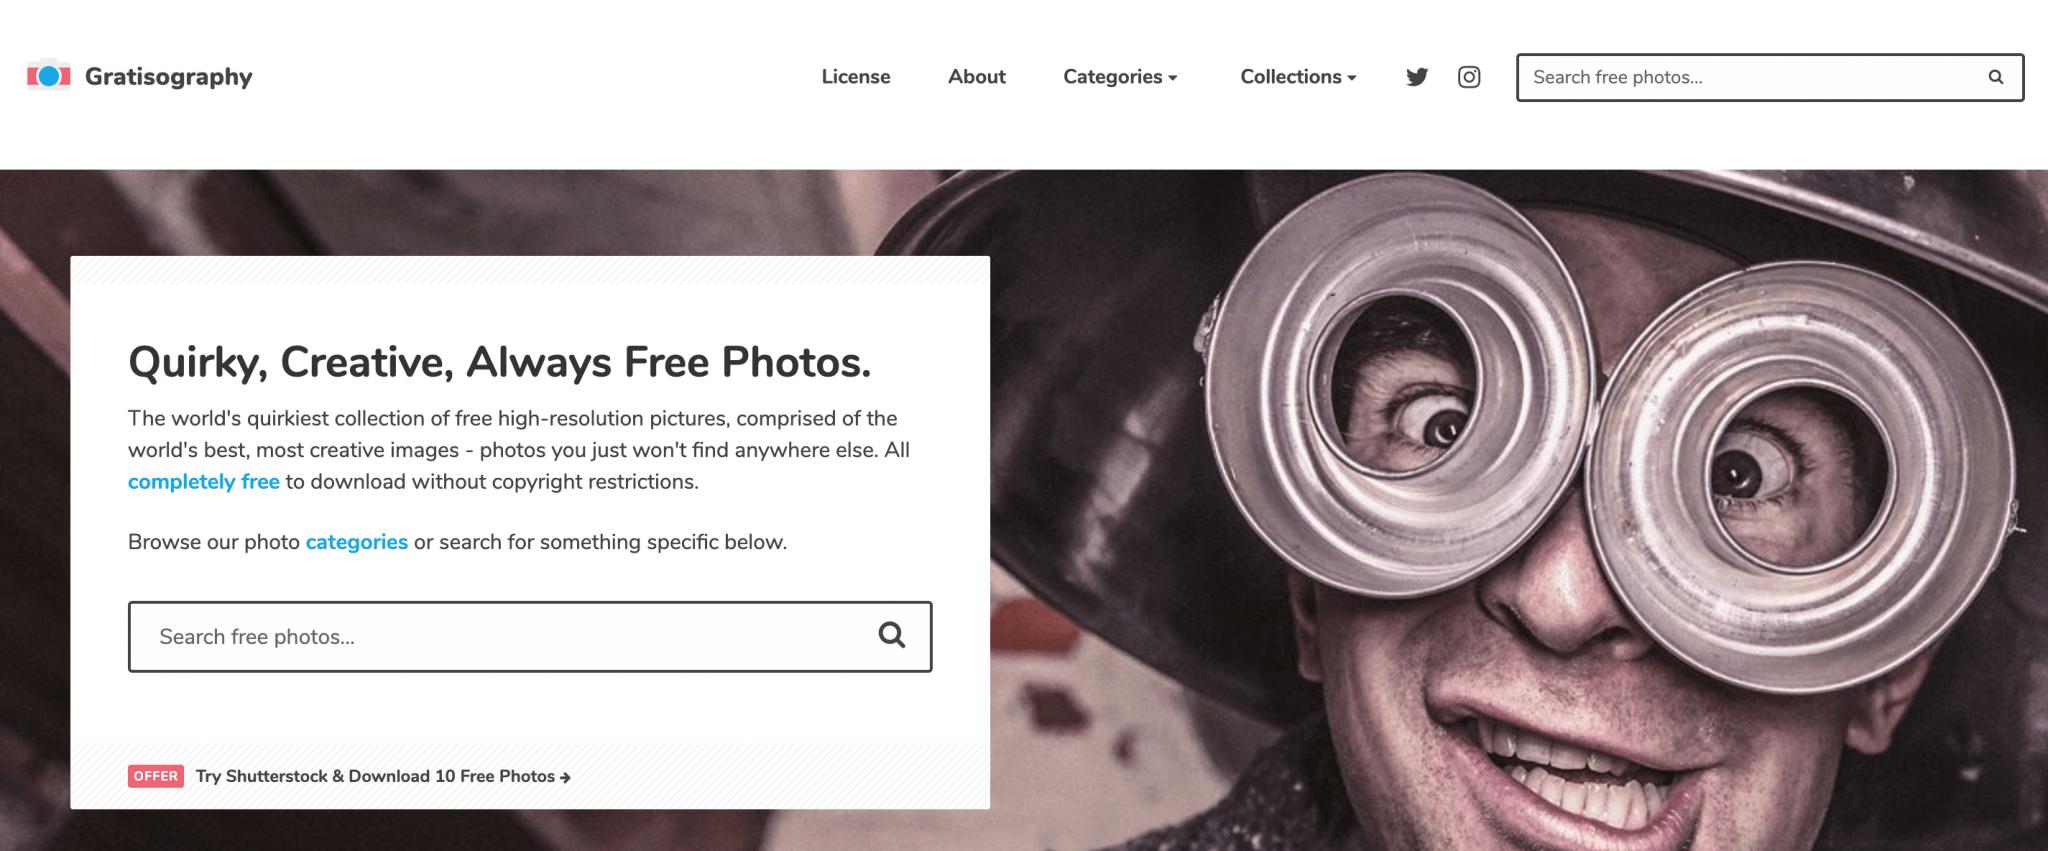 Captura de pantalla de la web de imágenes gratuitas gratisography